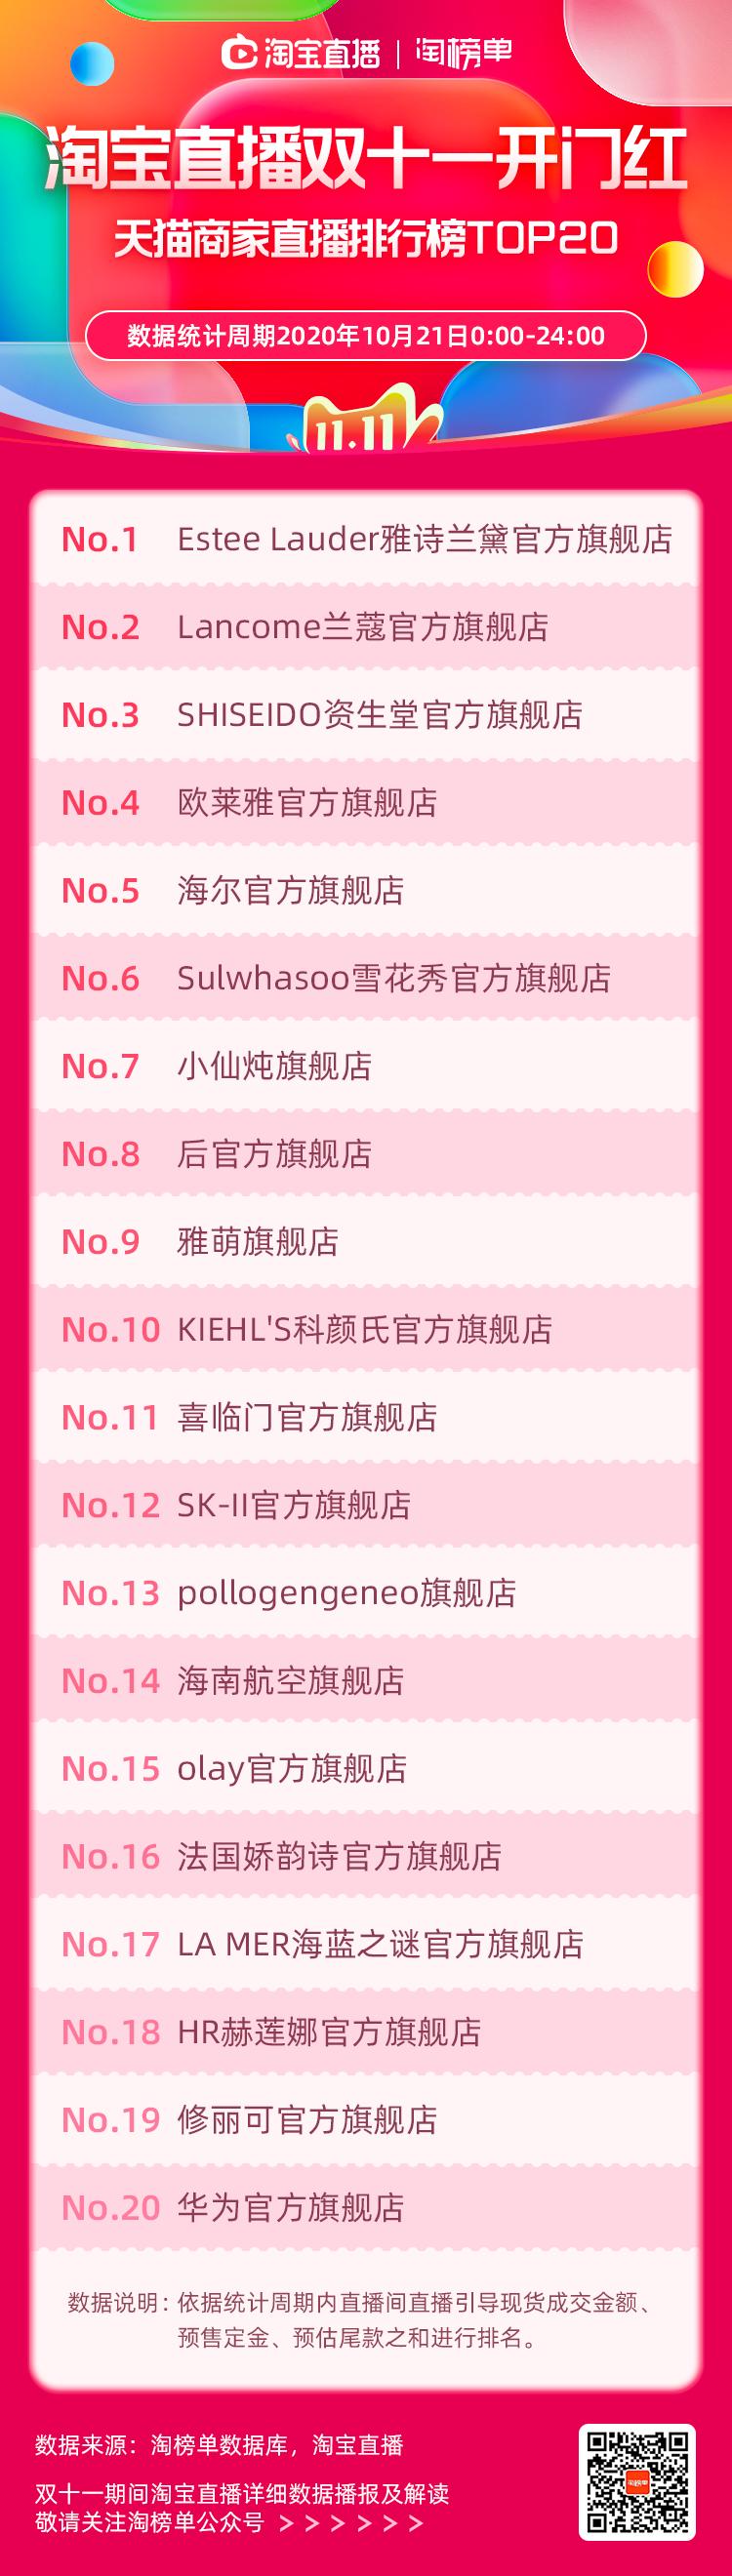 淘宝直播双11第一份榜单来了,哪些商家和主播成黑马?